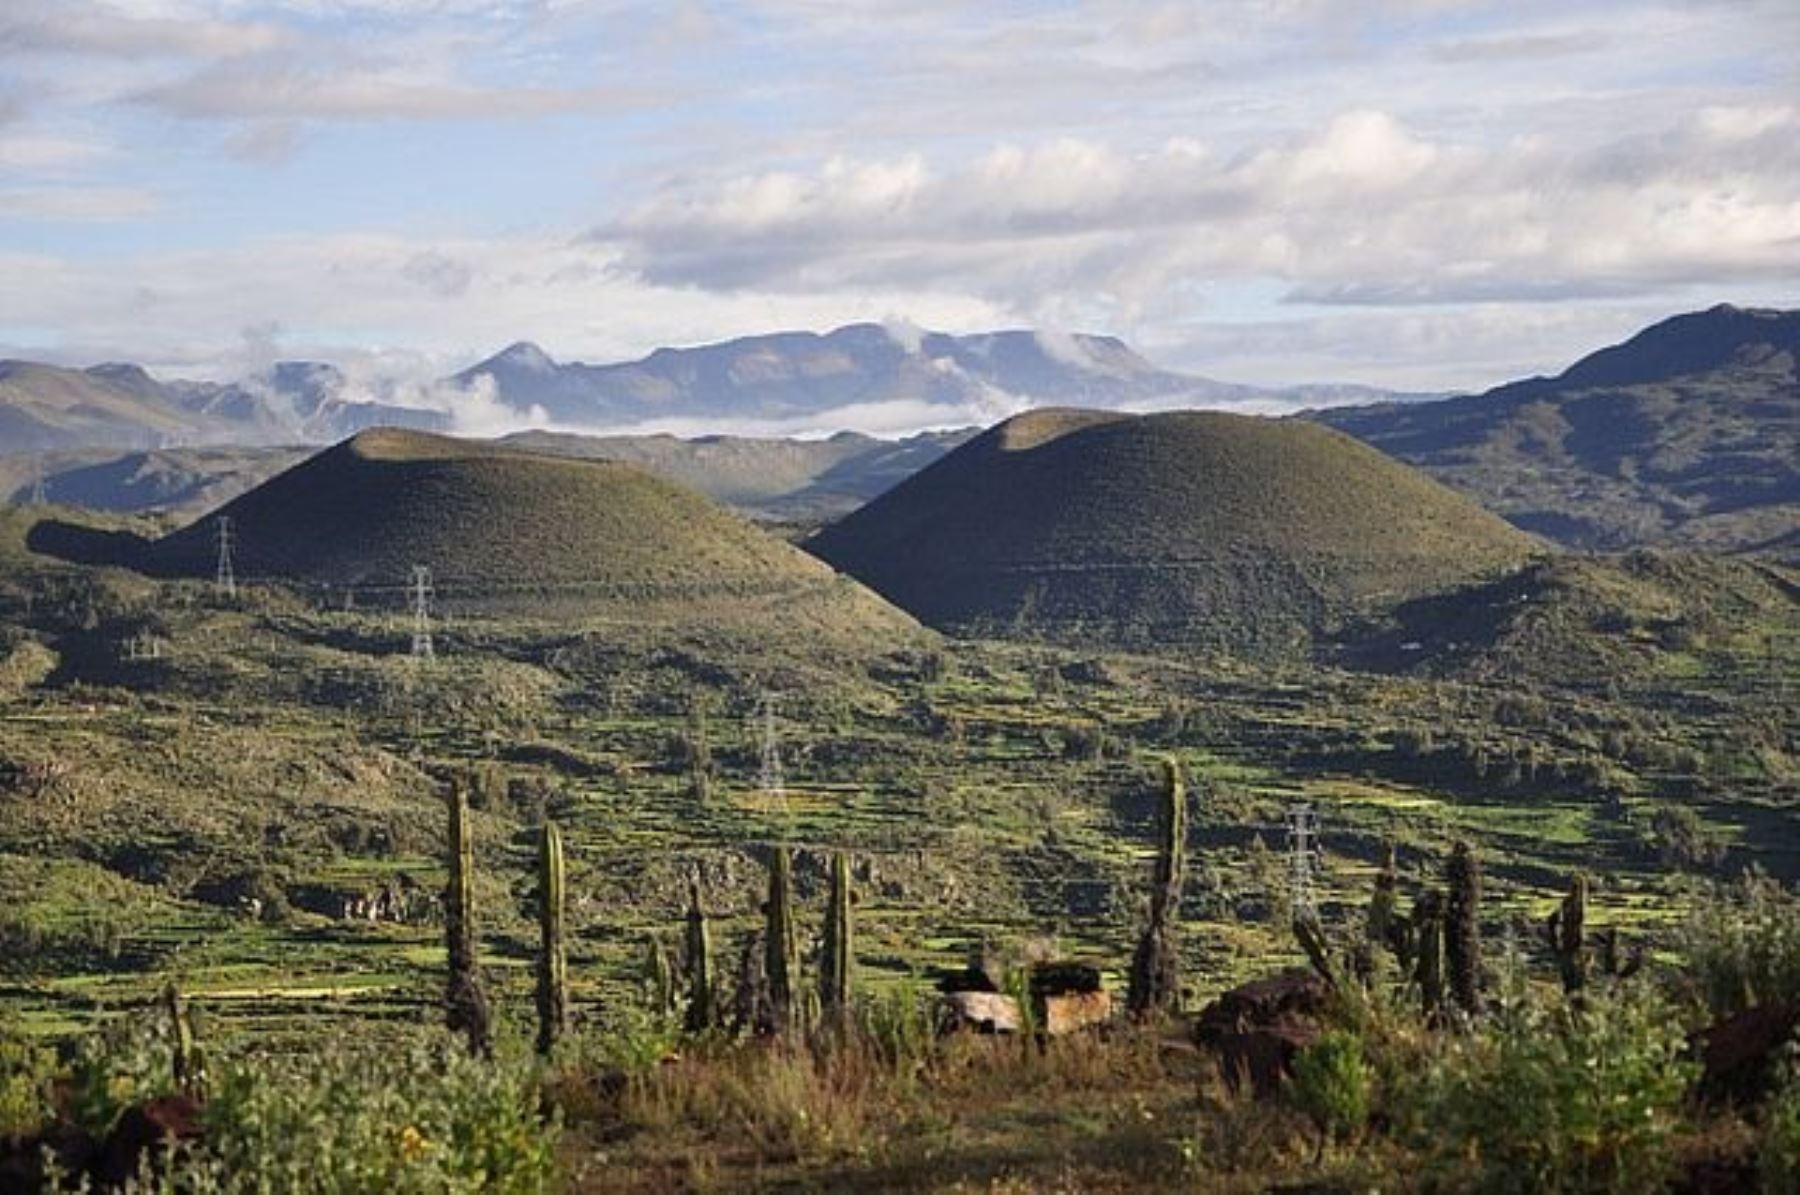 La Organización de las Naciones Unidas para la Educación, la Ciencia y la Cultura (Unesco) declaró oficialmente hoy como nuevo integrante de la Red Internacional de Geoparques Mundiales al Cañón del Colca y Volcanes de Andagua, ubicado entre las provincias de Castilla y Caylloma, en el departamento de Arequipa. ANDINA/Difusión